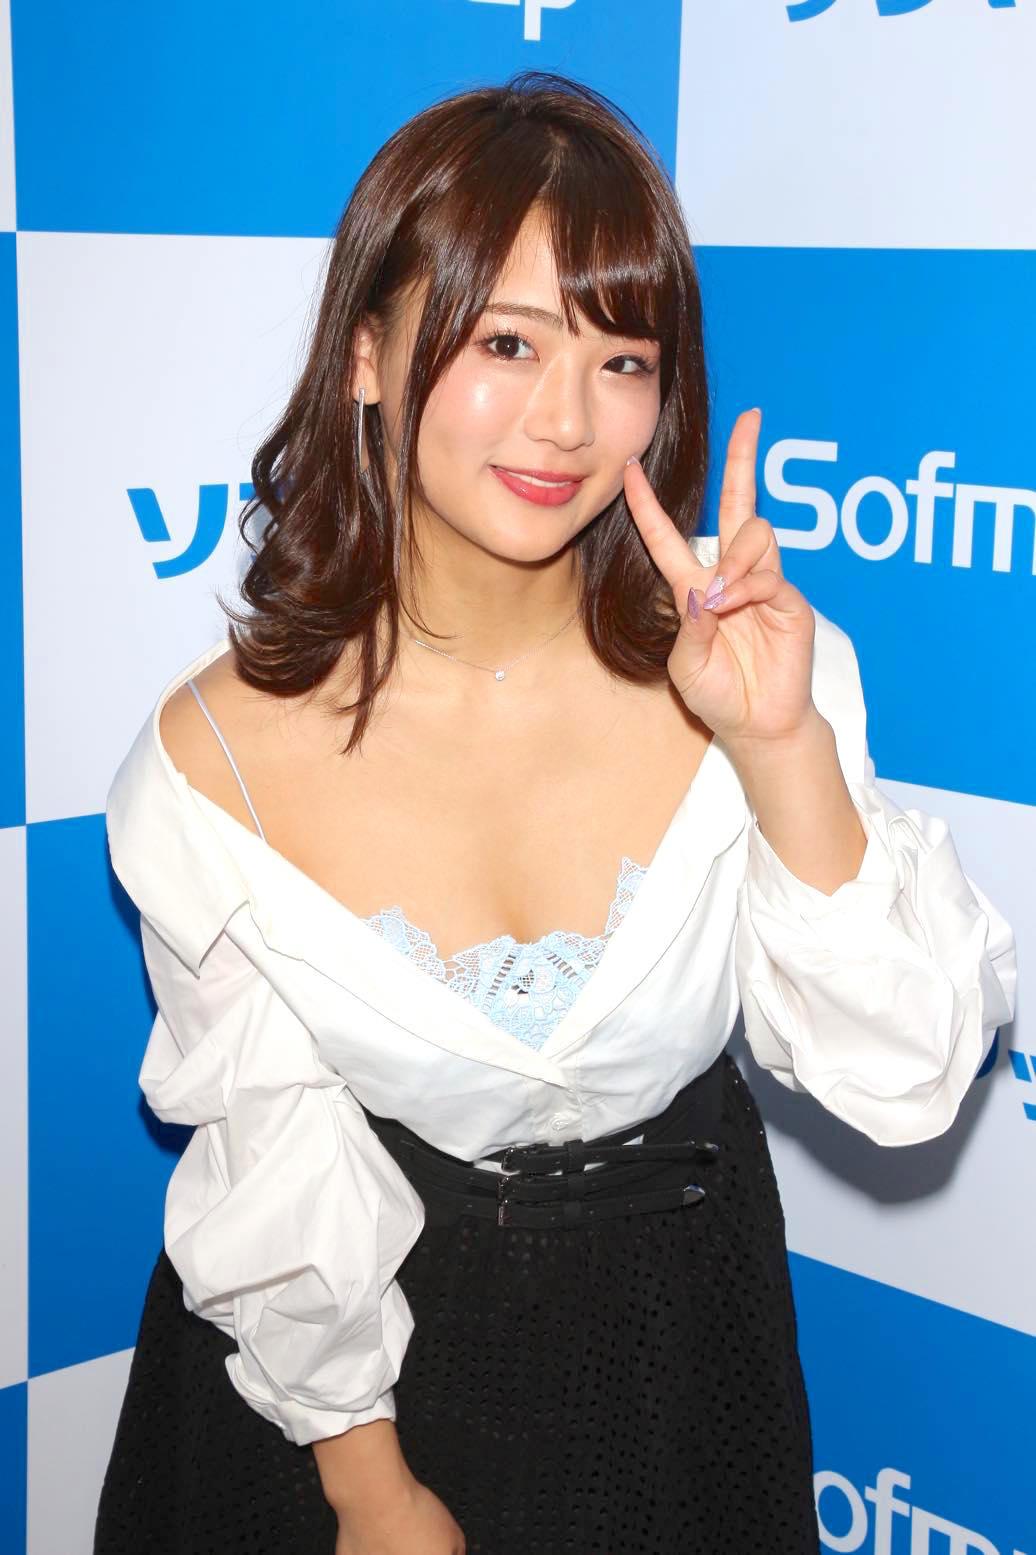 平嶋夏海「アレにまたがって」ヒヤヒヤしちゃった!【写真22枚】の画像016